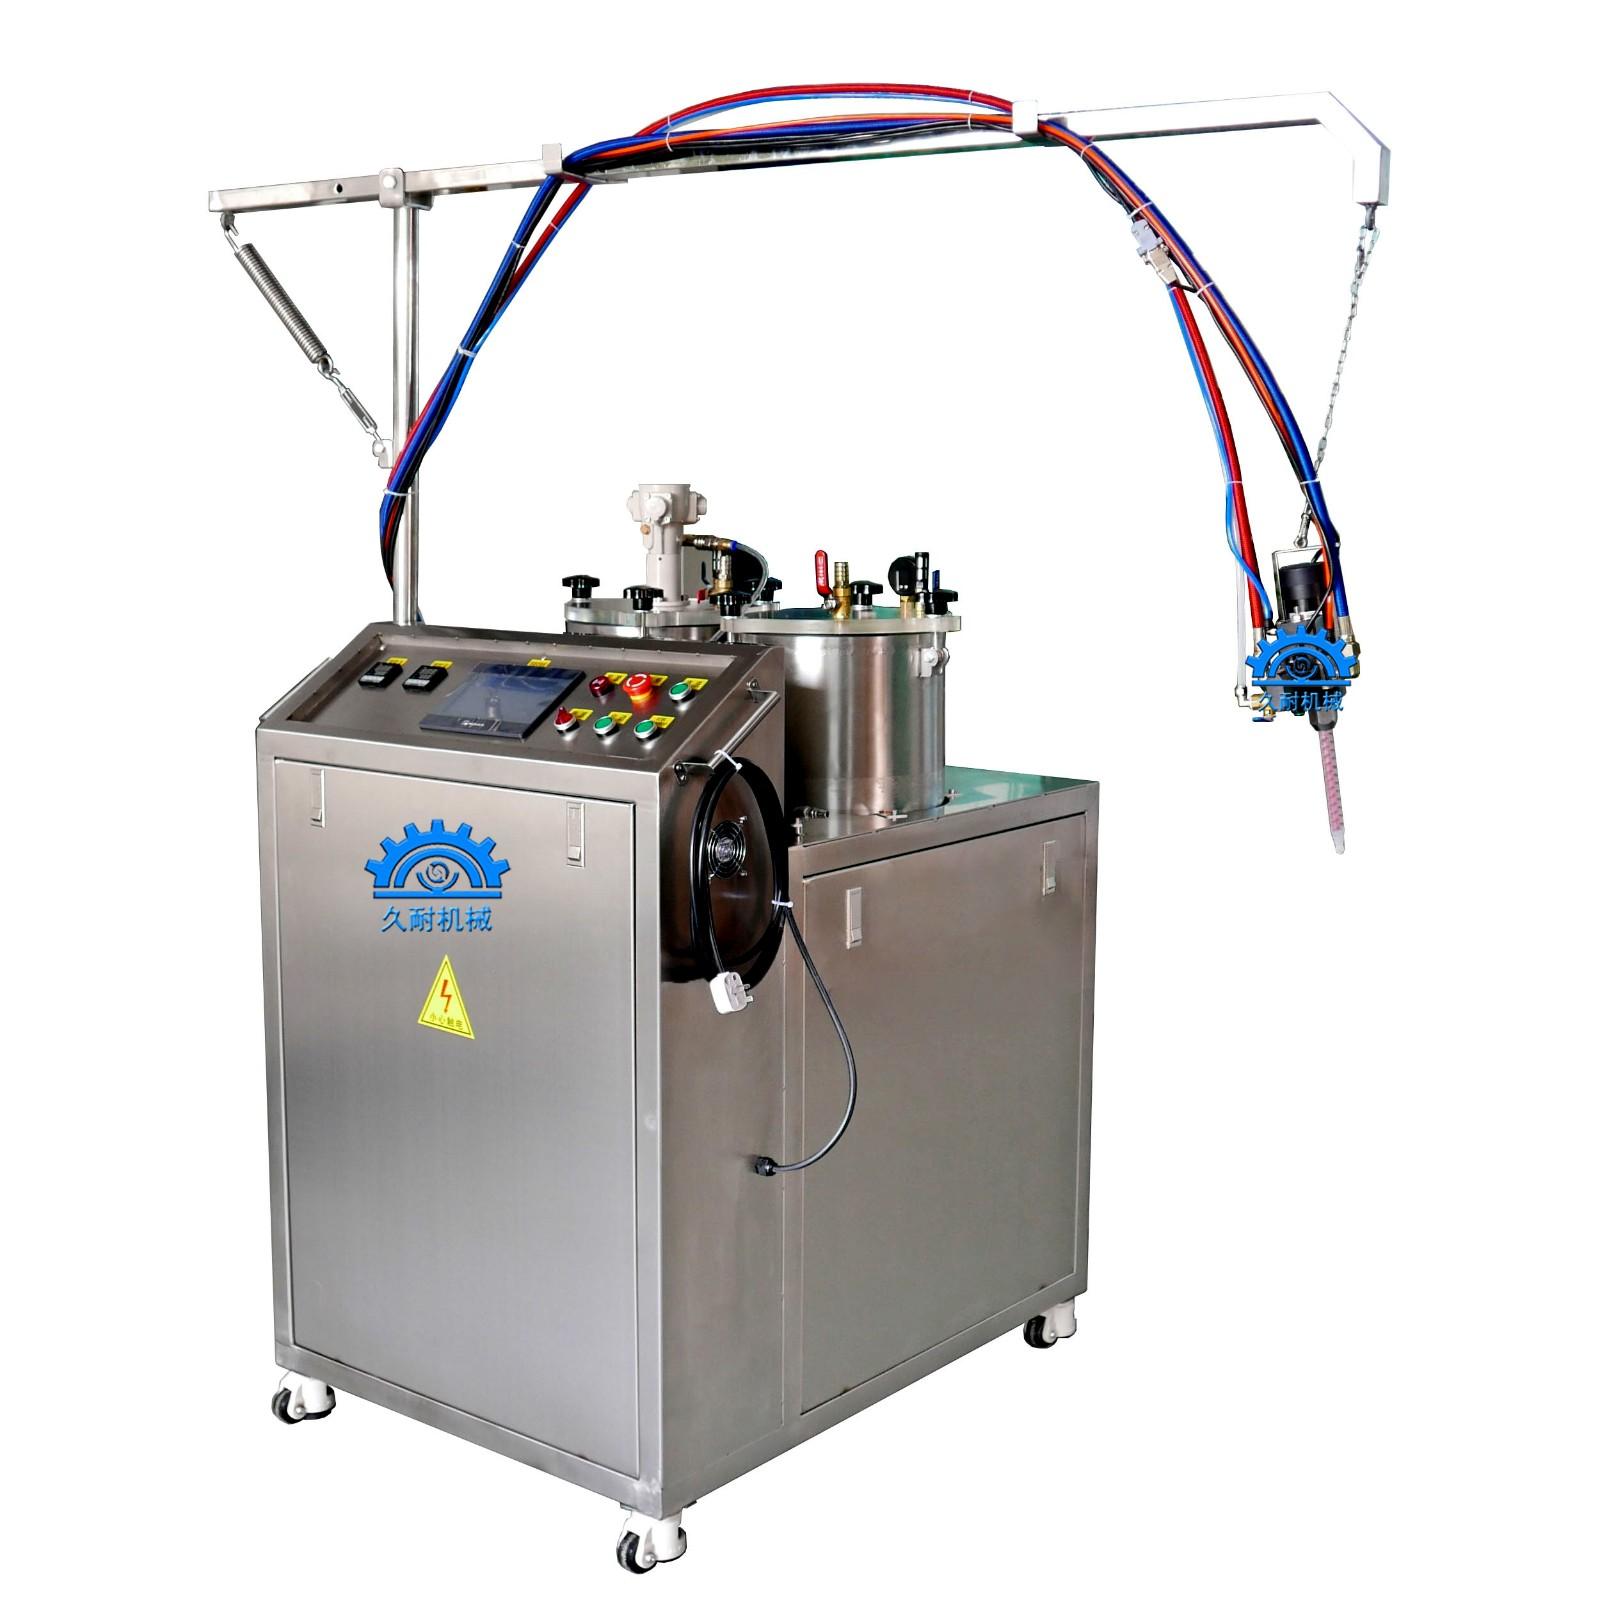 聚氨酯弹性体浇注机PU轮子胶辊灌注机